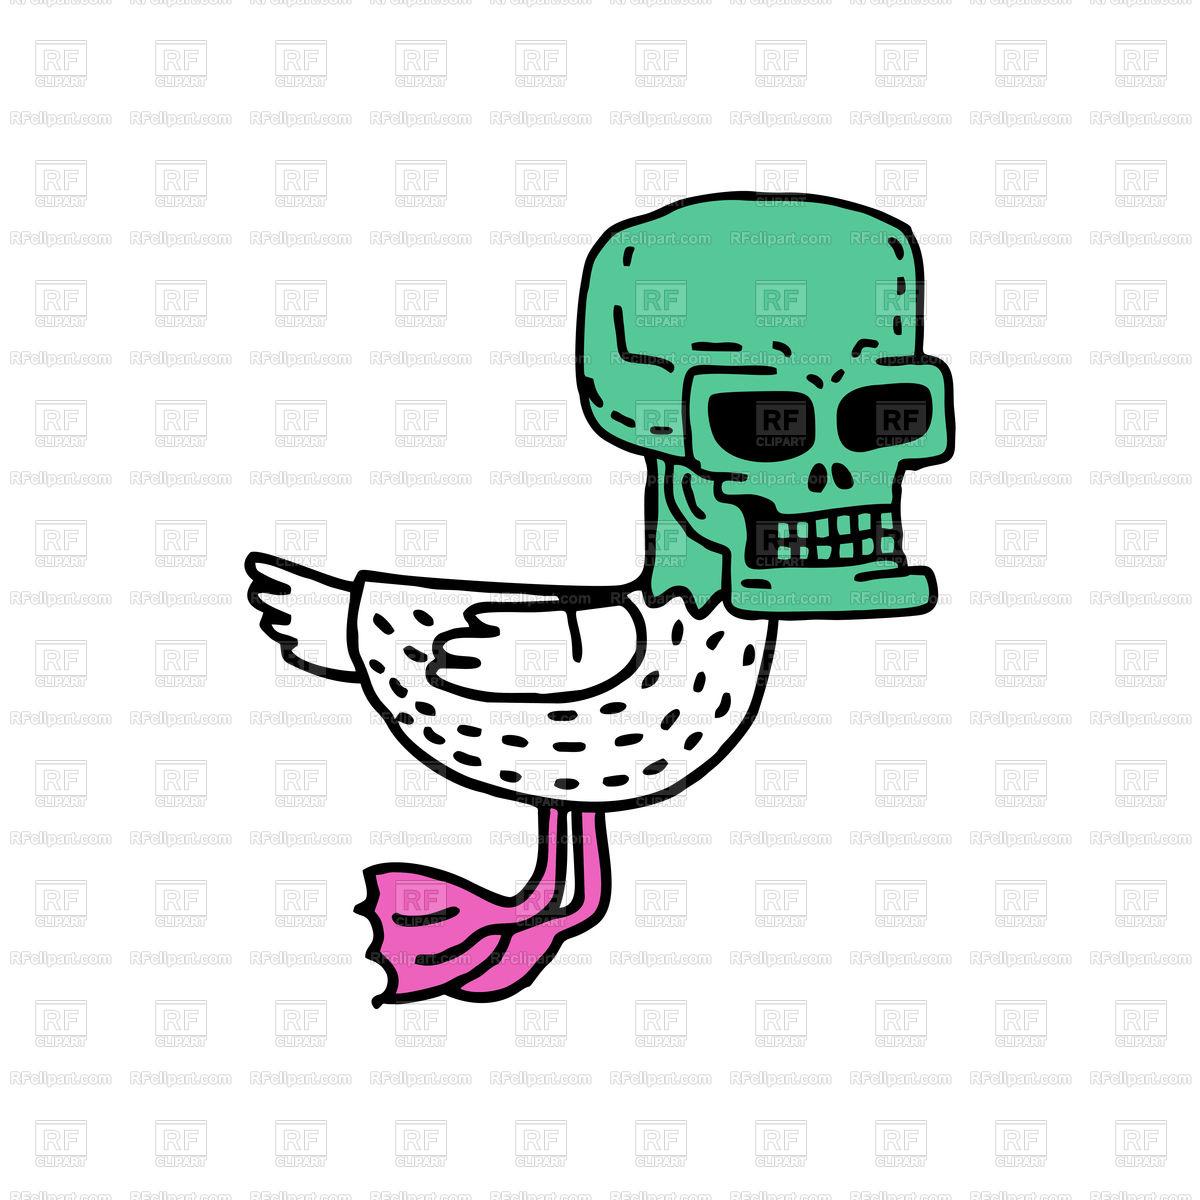 Dead duck.